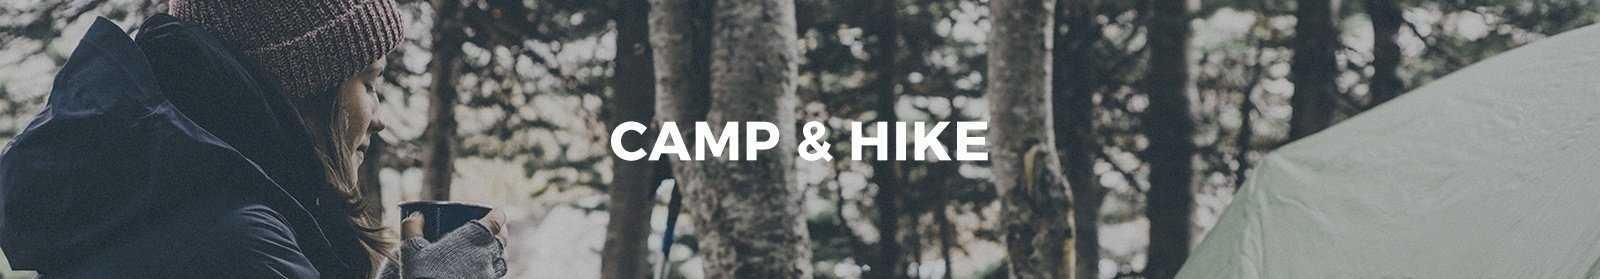 Gear til Camp & Hike